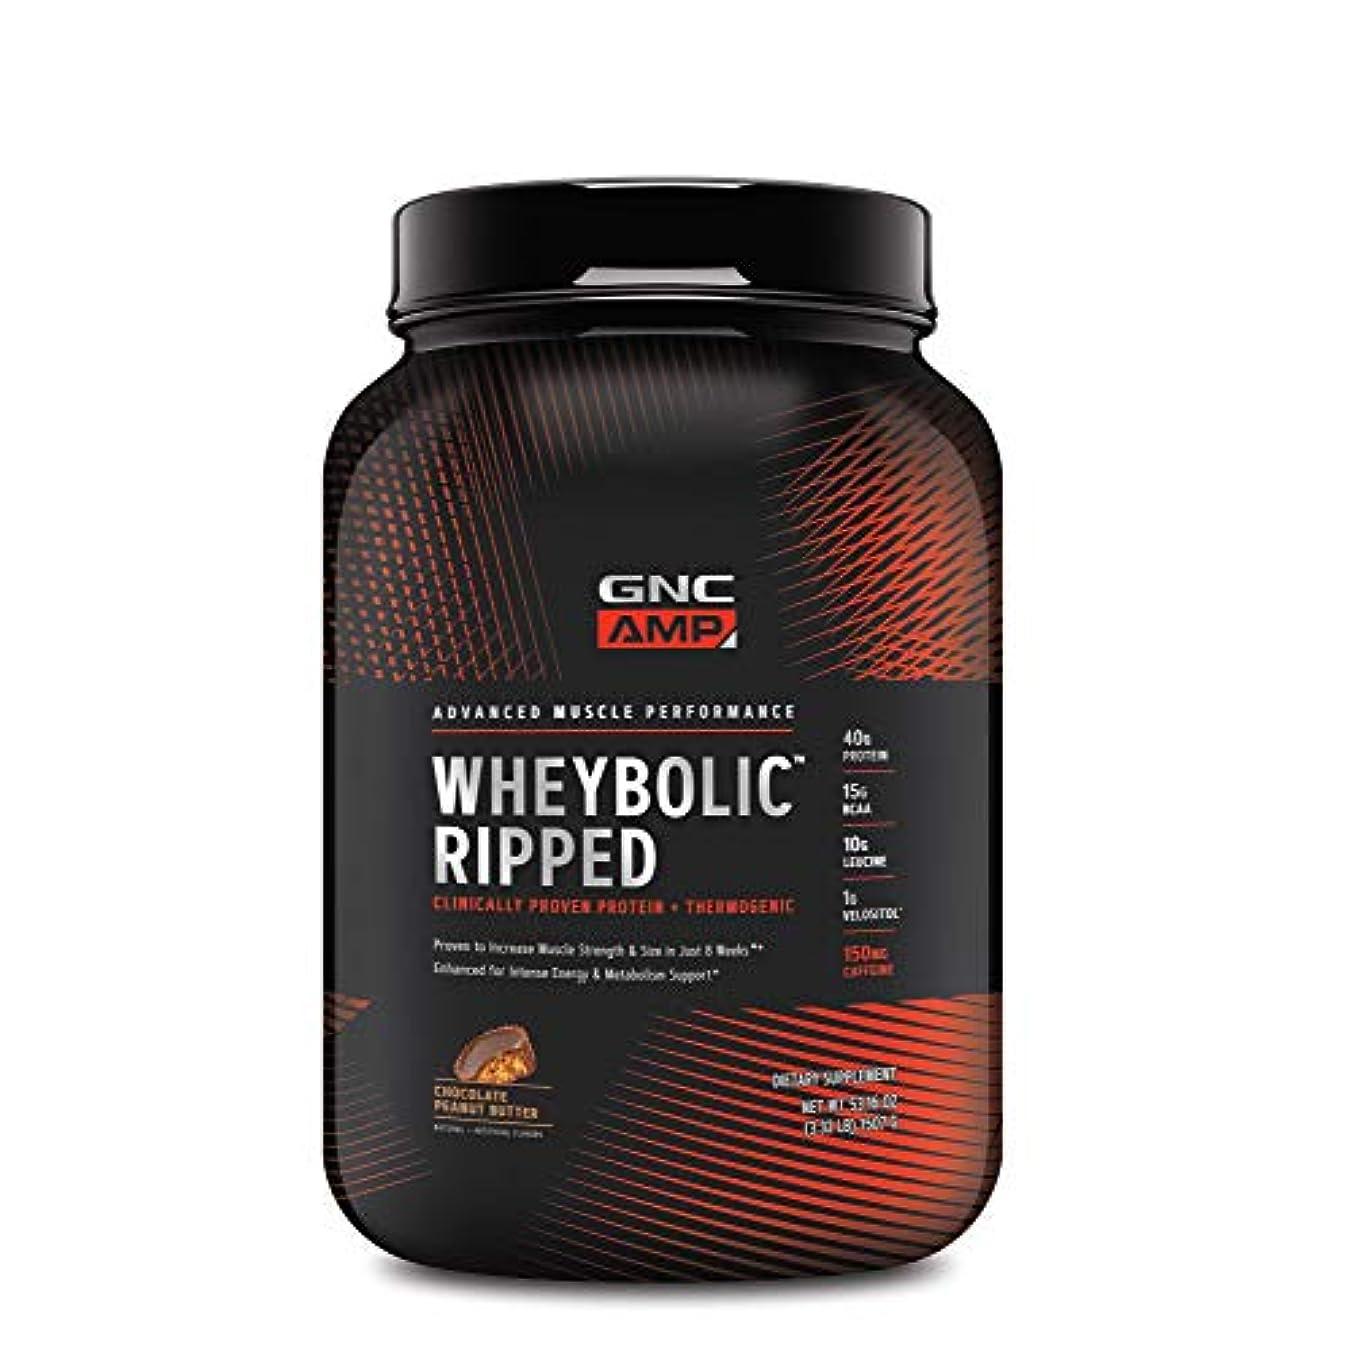 スキッパーコットン広々[GNC AMP] ホエボリックリッピング乳清タンパク質パウダー、チョコレートピーナッツバター,9人前、40gタンパク質と15gのBCAAを含む 1507g